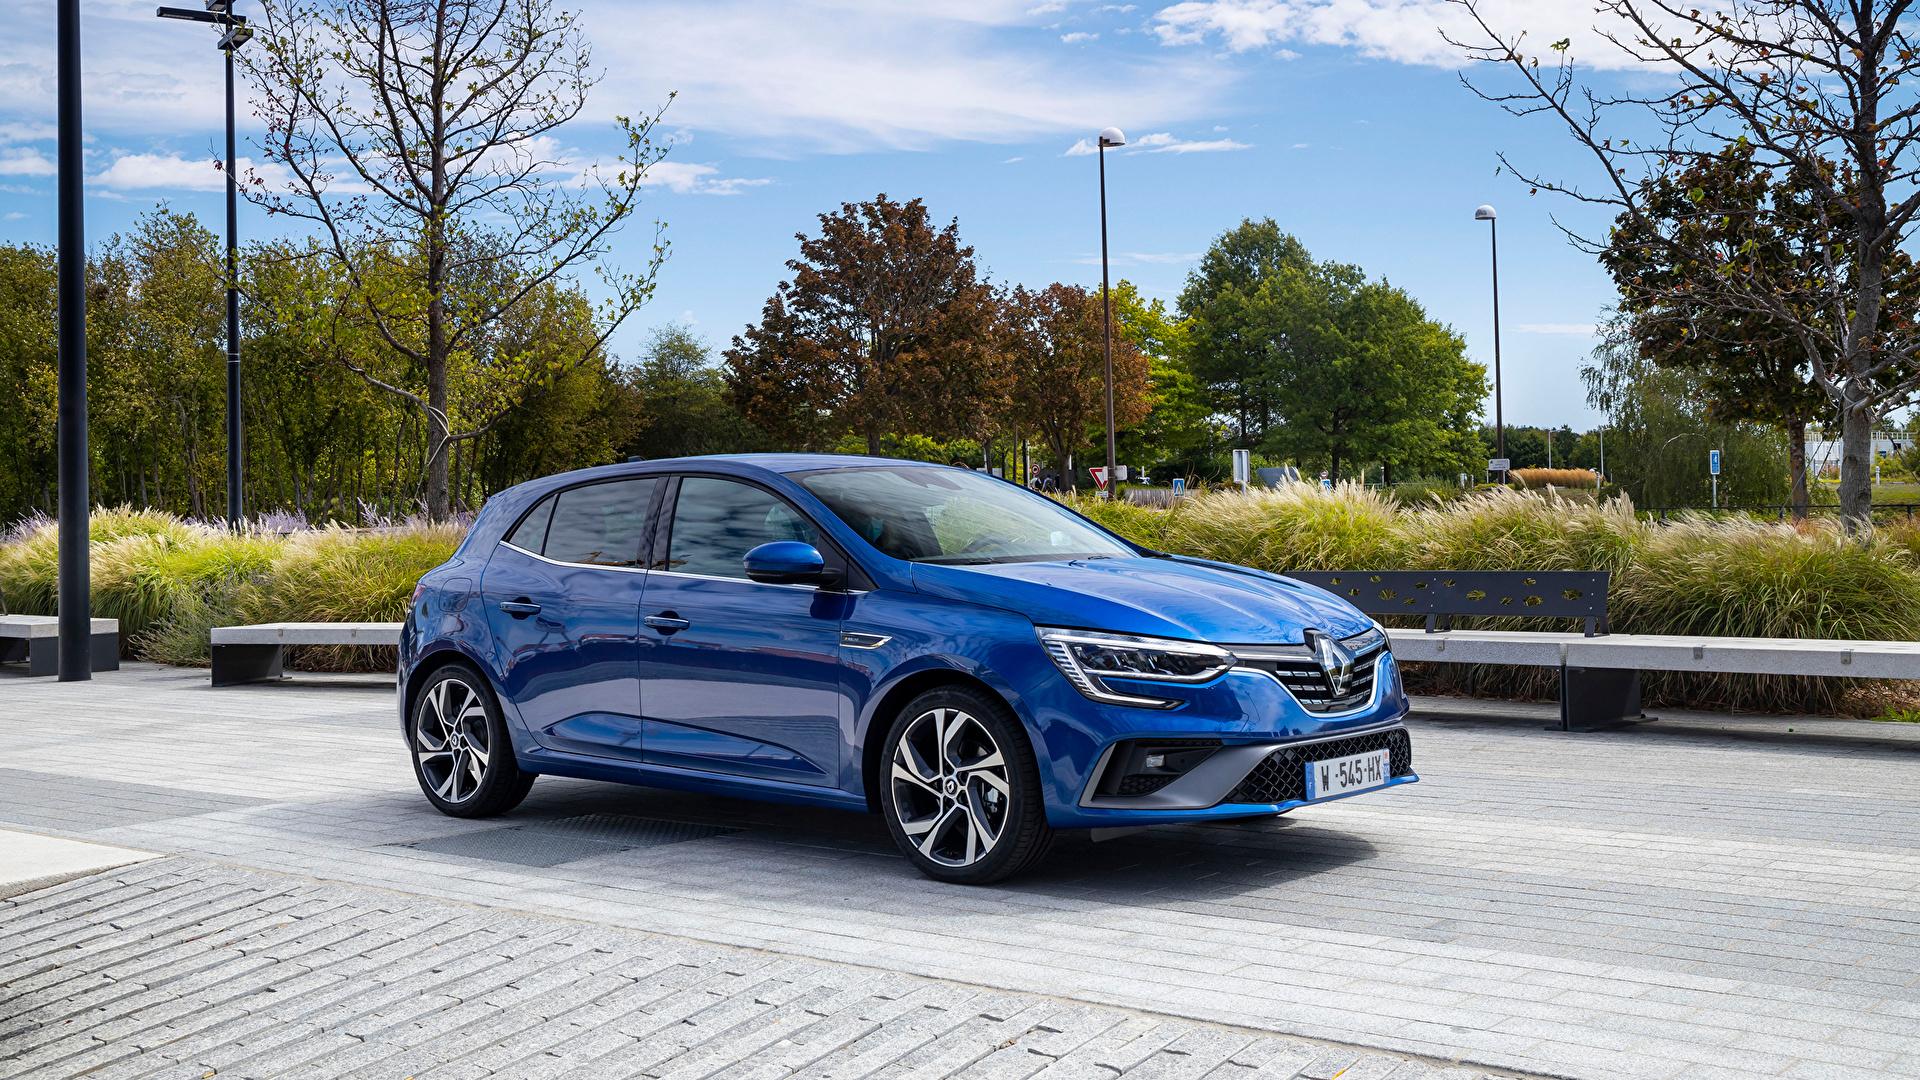 Фотография Renault Megane R.S. Line, 2020 синих Металлик Автомобили 1920x1080 Рено синяя синие Синий авто машины машина автомобиль